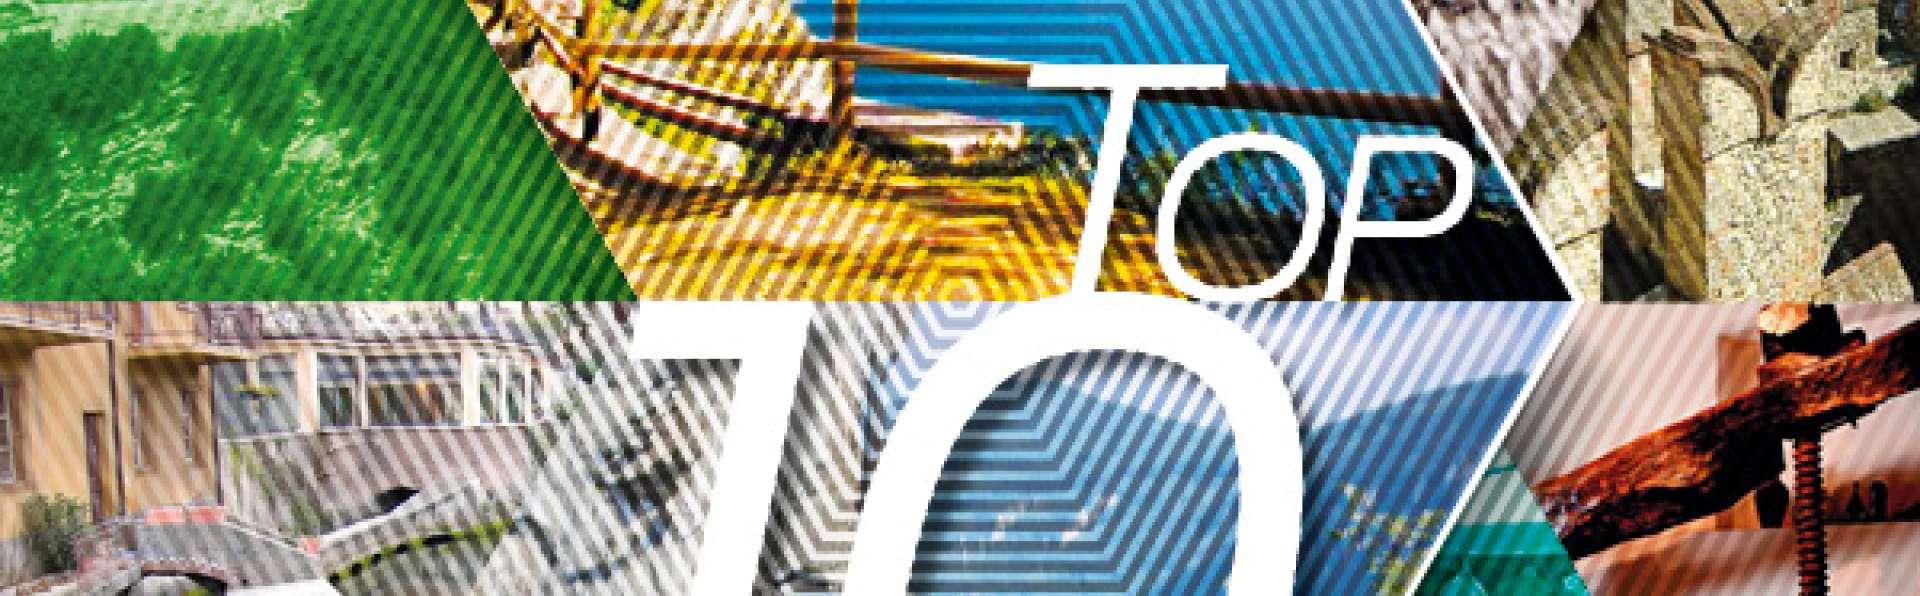 TOP 10 der kostenlosen Ausflugsziele im Gardaseegebiet